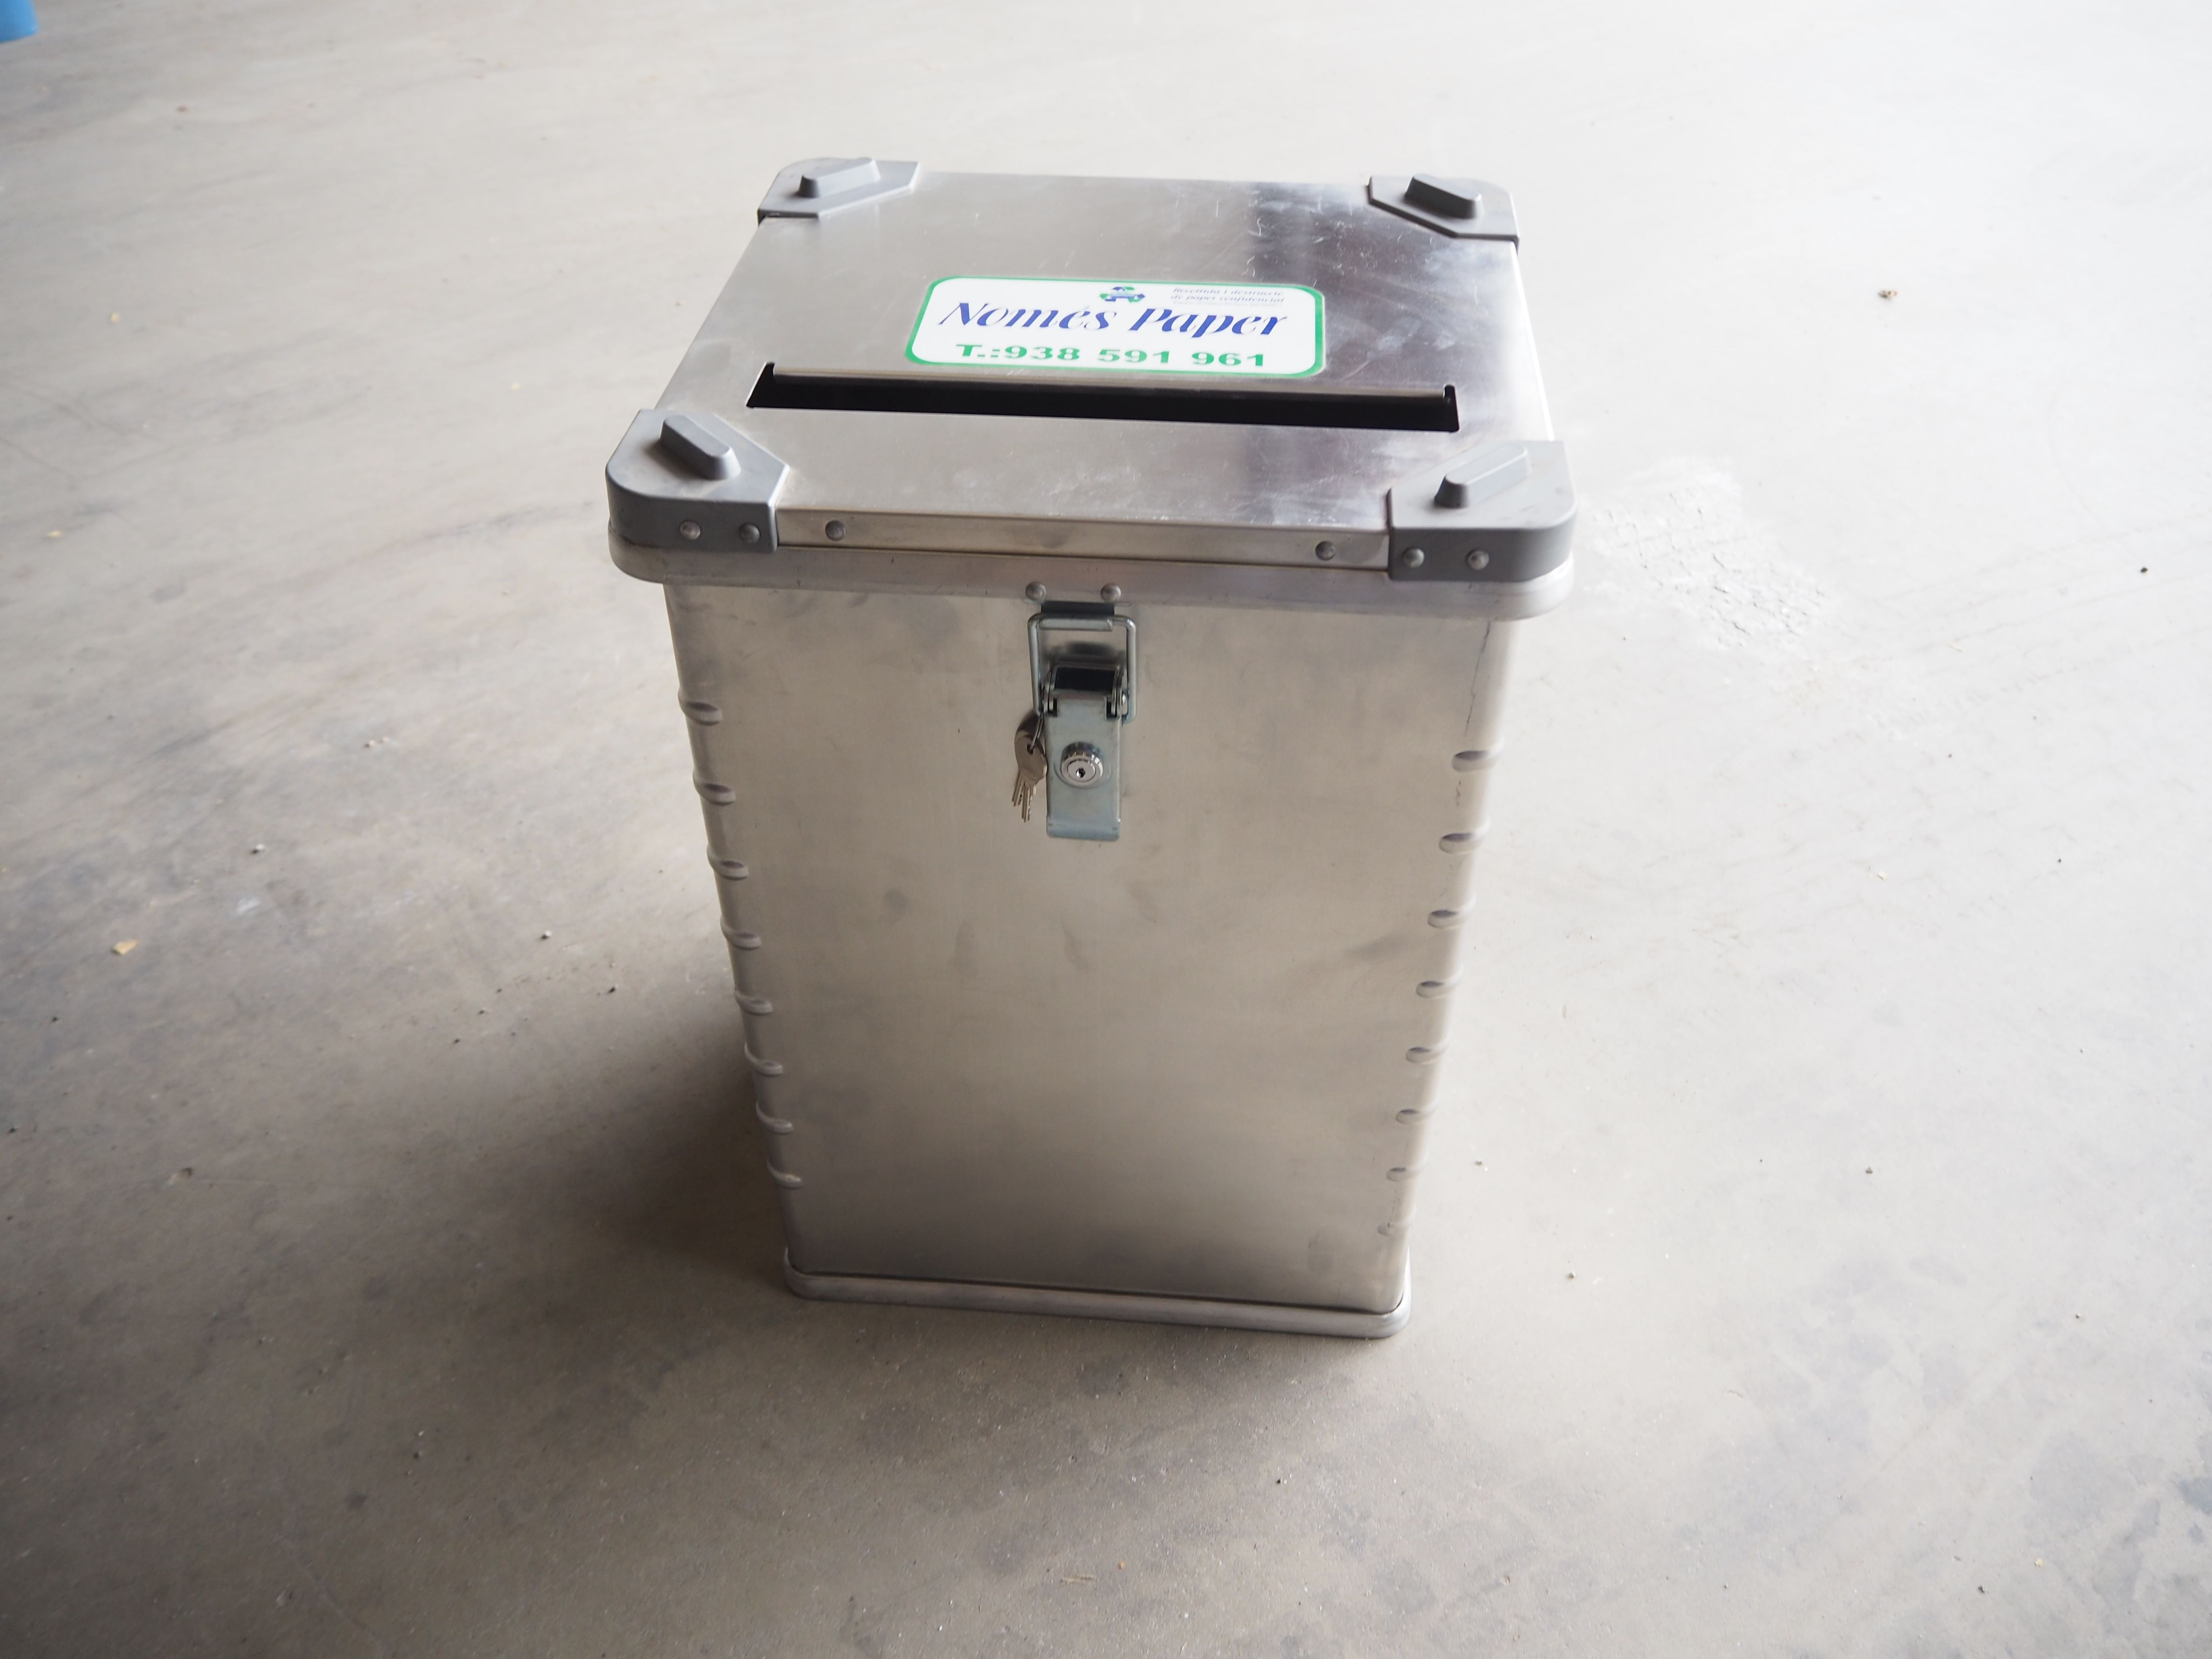 Contenedores para documentos destruidos